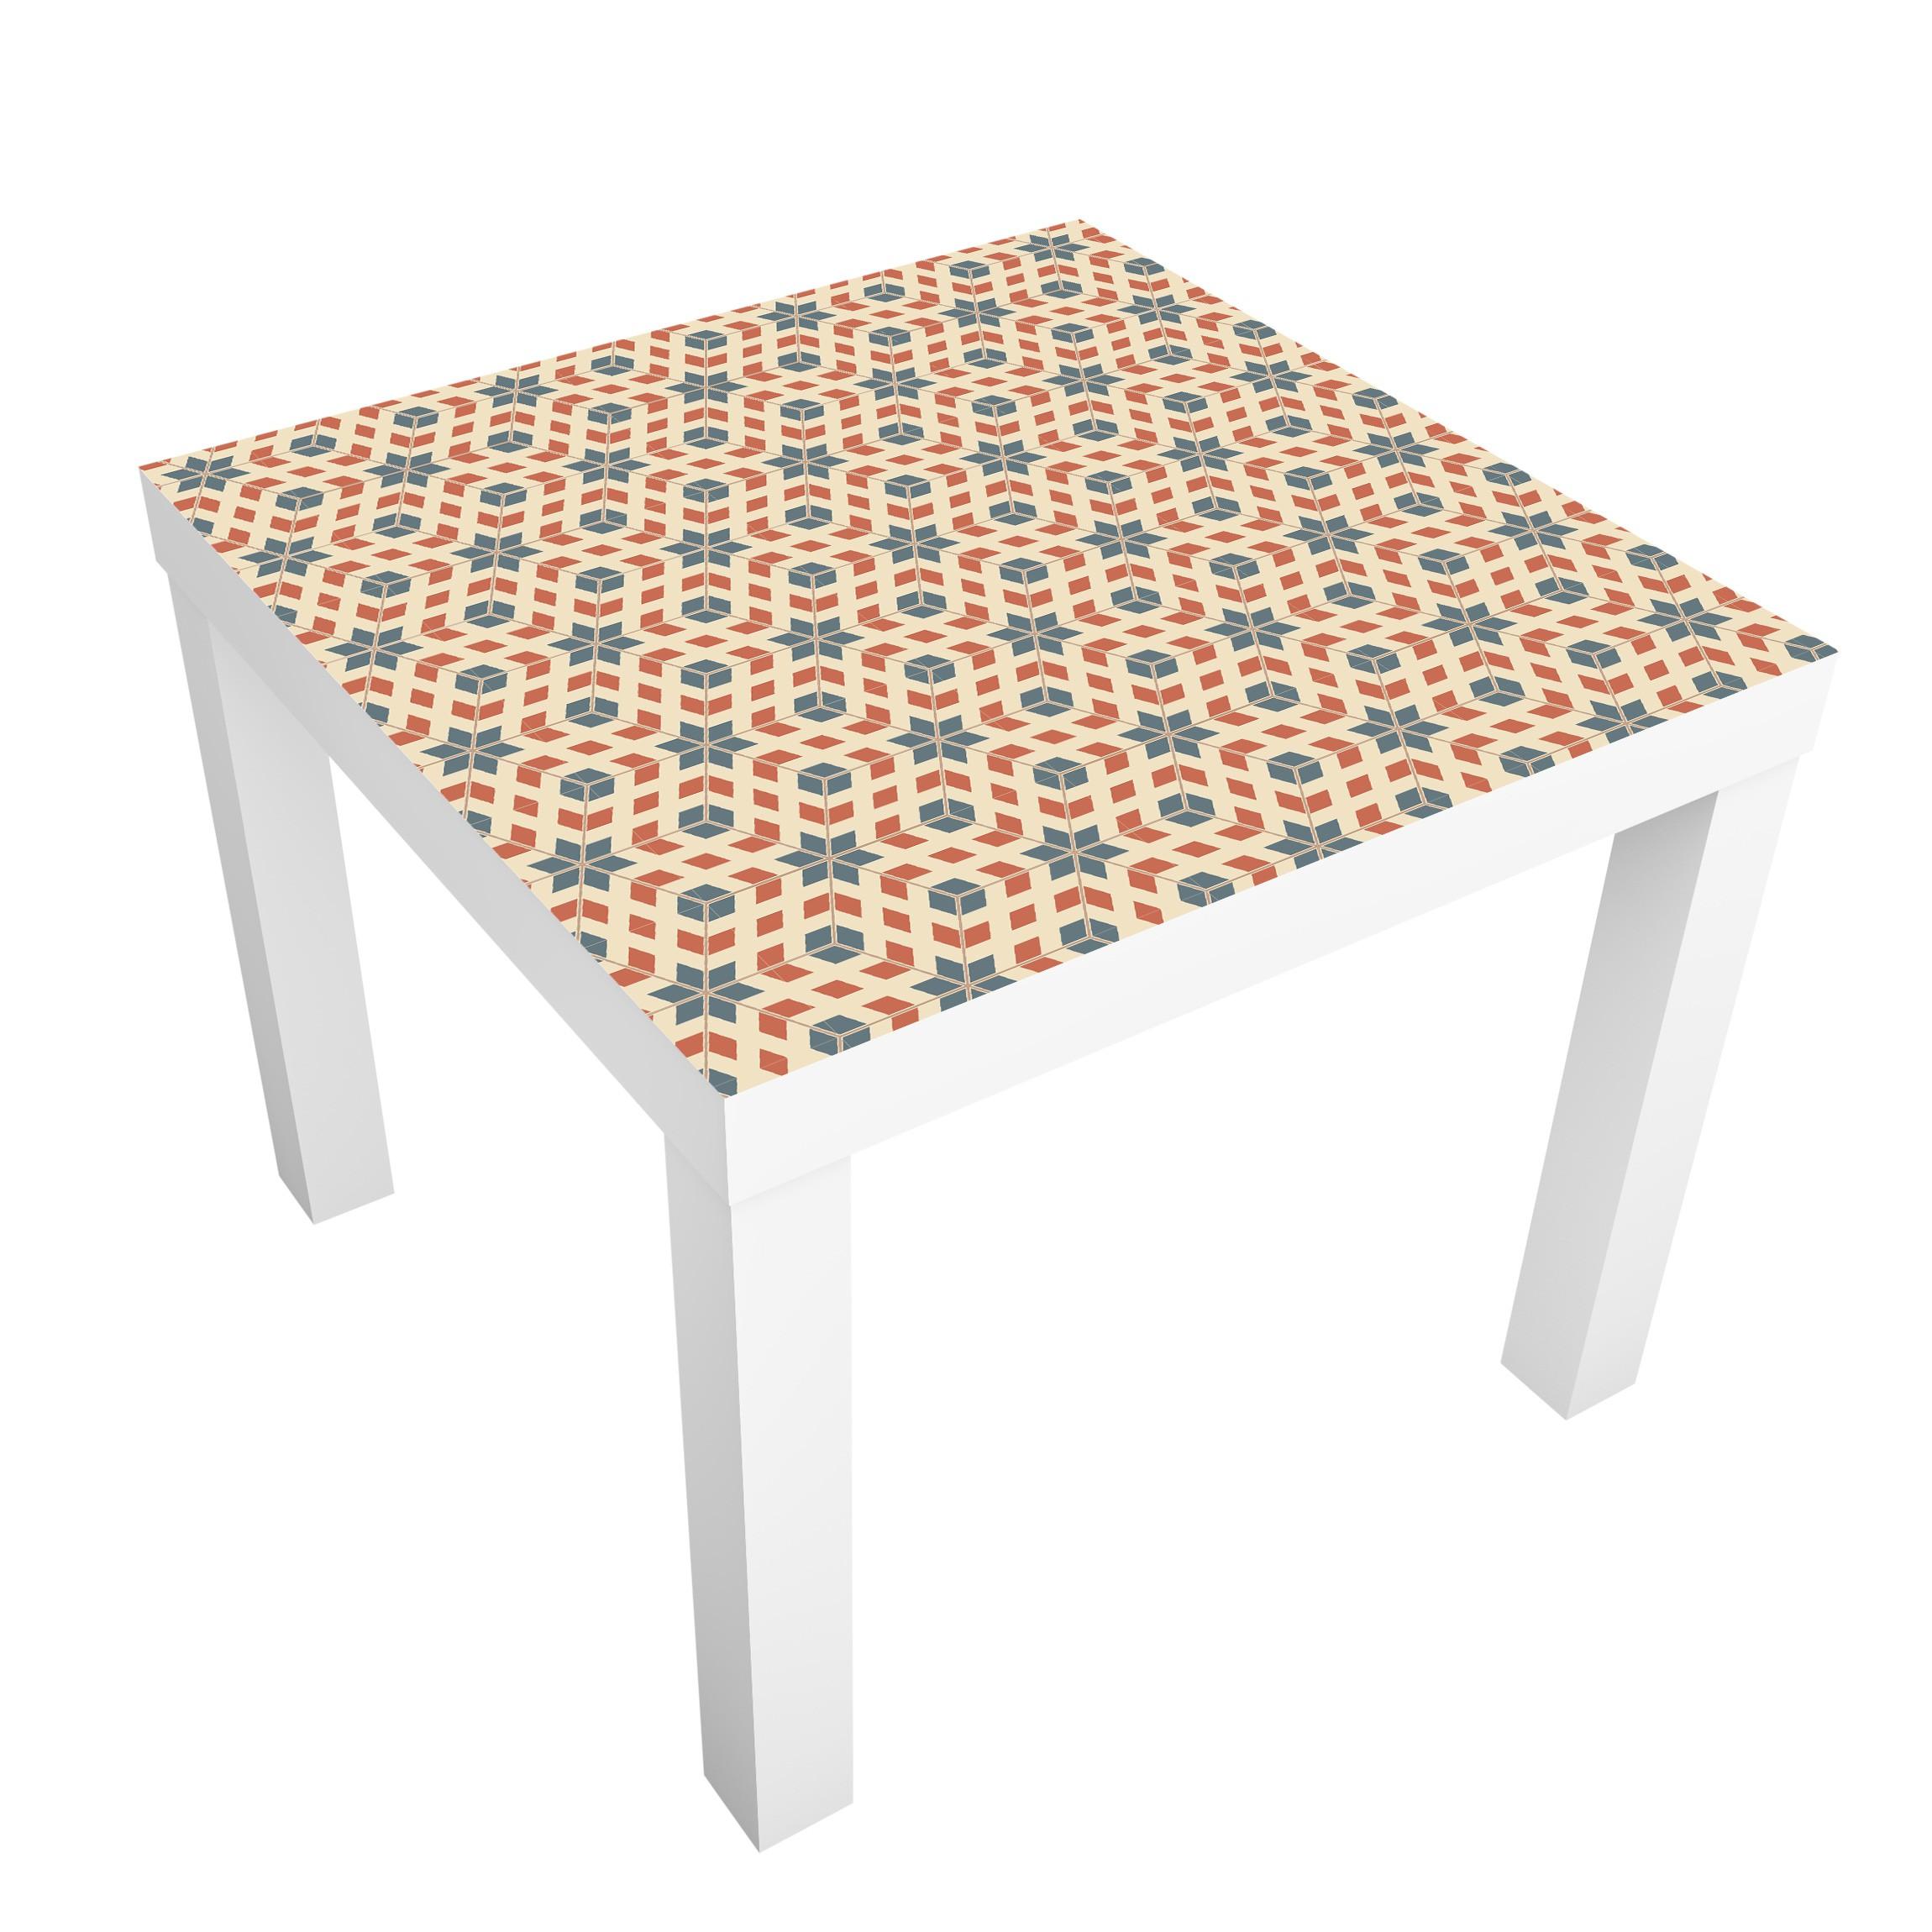 Carta adesiva per mobili ikea lack tavolino pop art design - Pellicola adesiva per mobili ikea ...